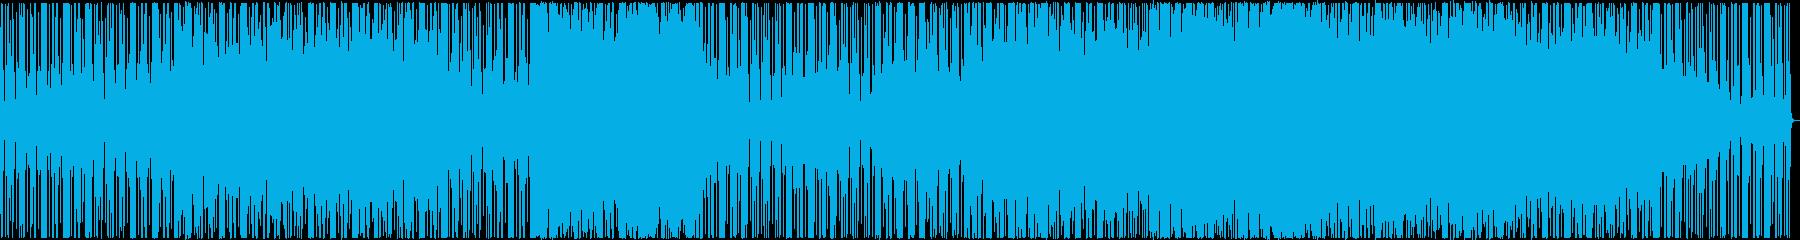 【歌】シンセが印象的女性ボーカルポップスの再生済みの波形